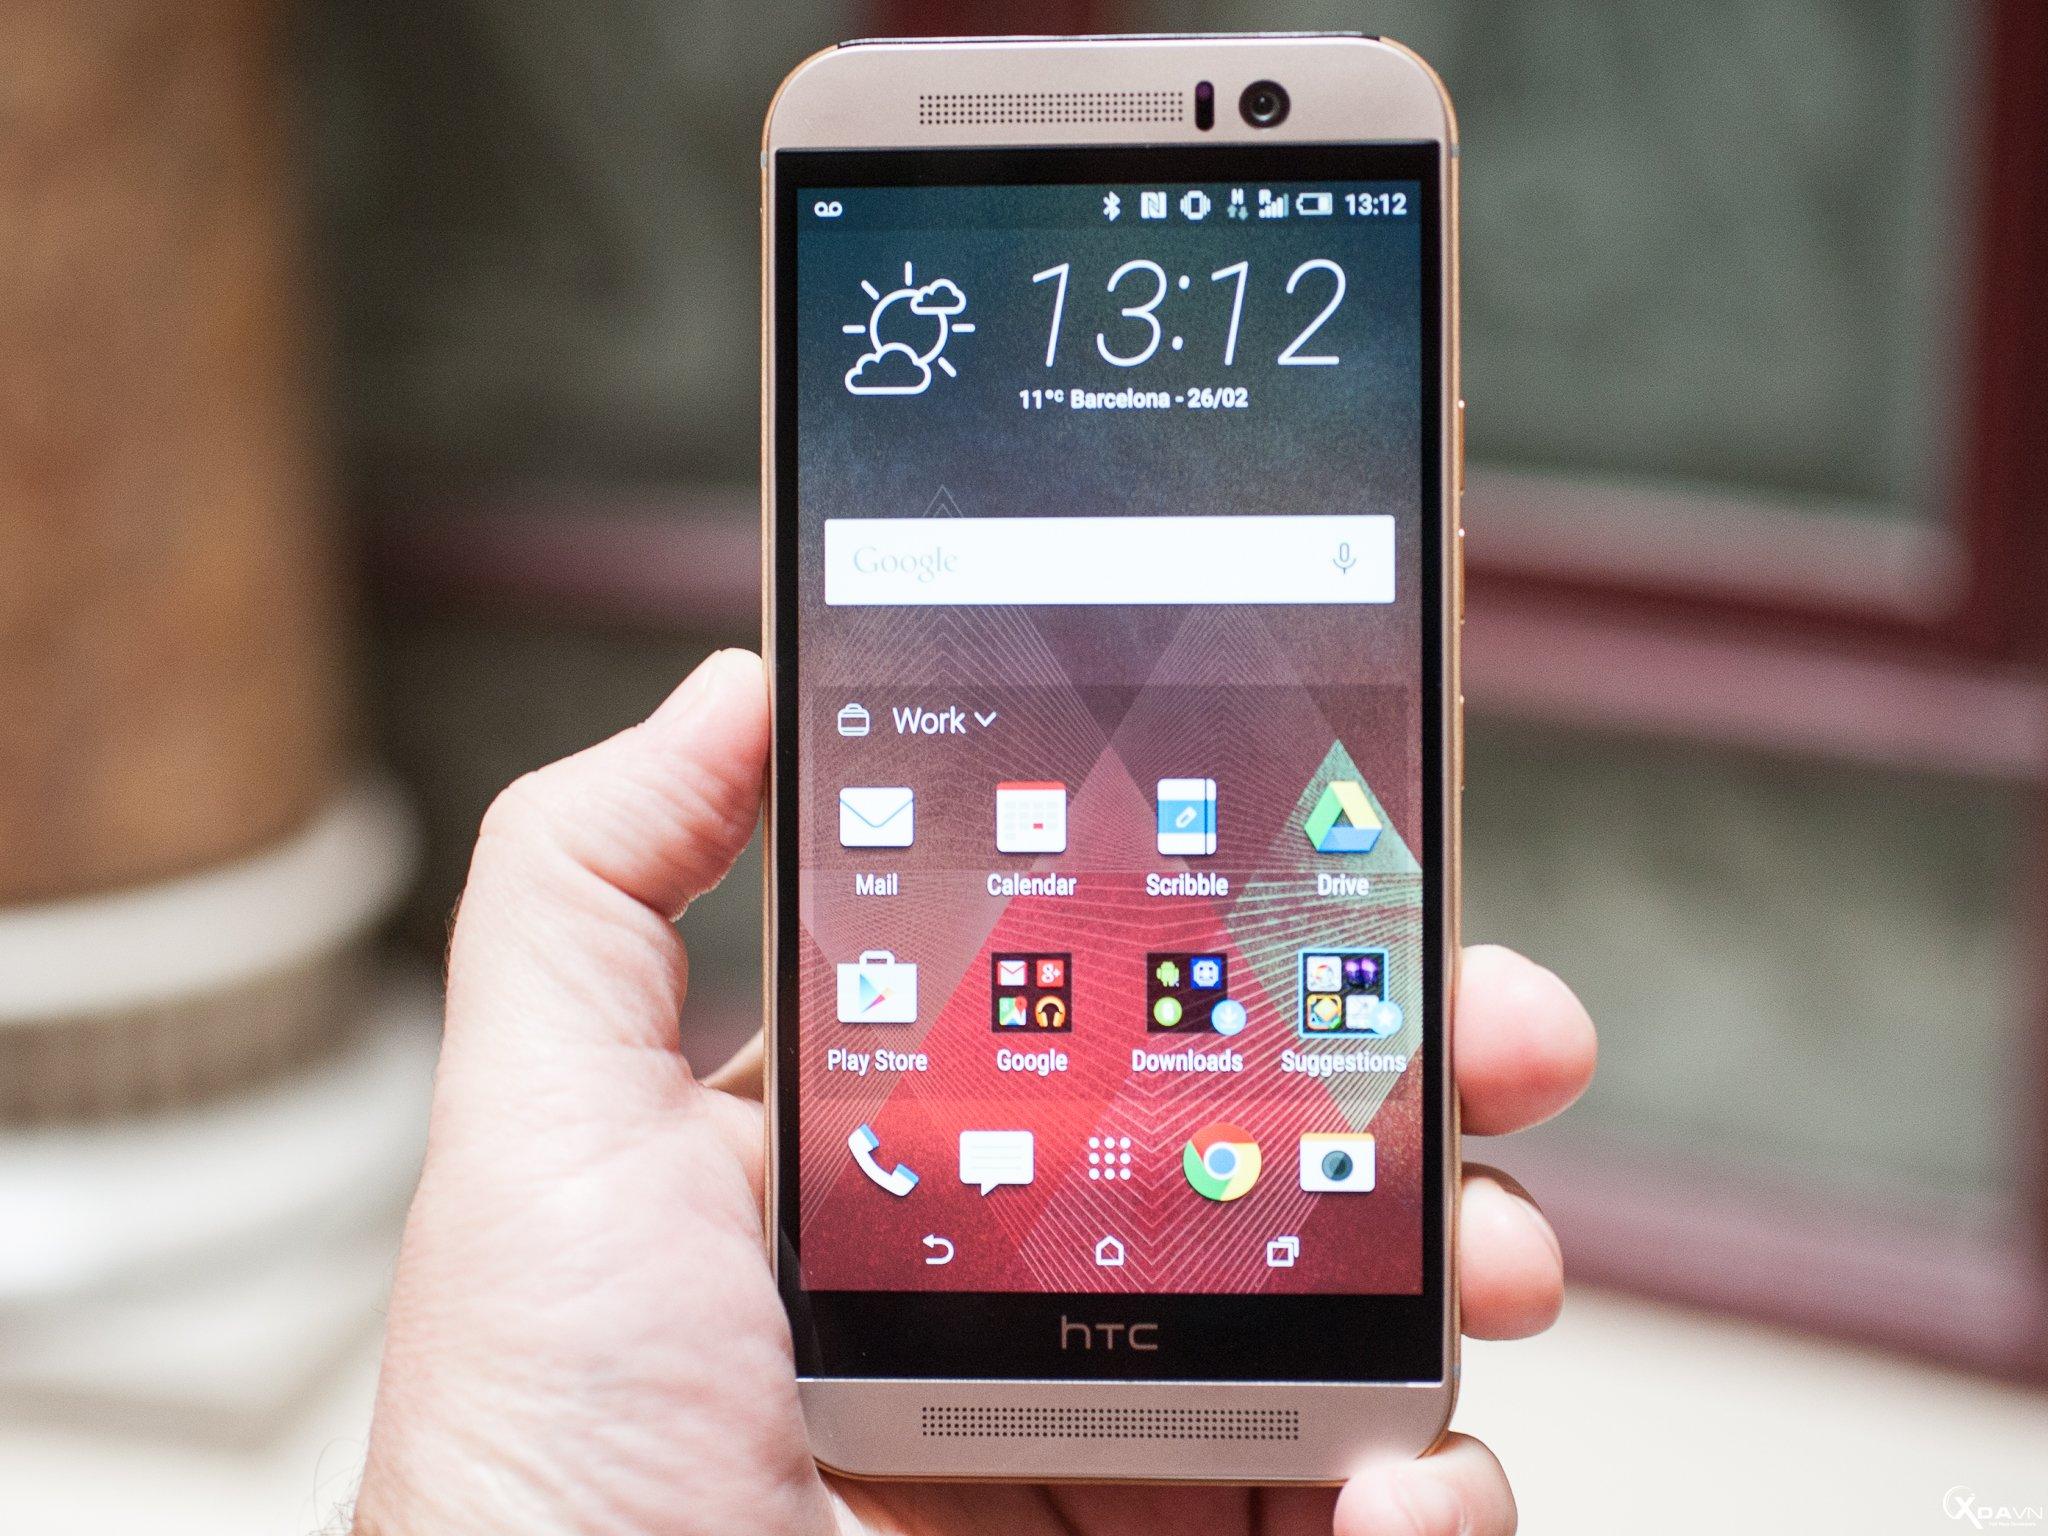   Điện thoại HTC One M9 giá bao nhiêu tiền